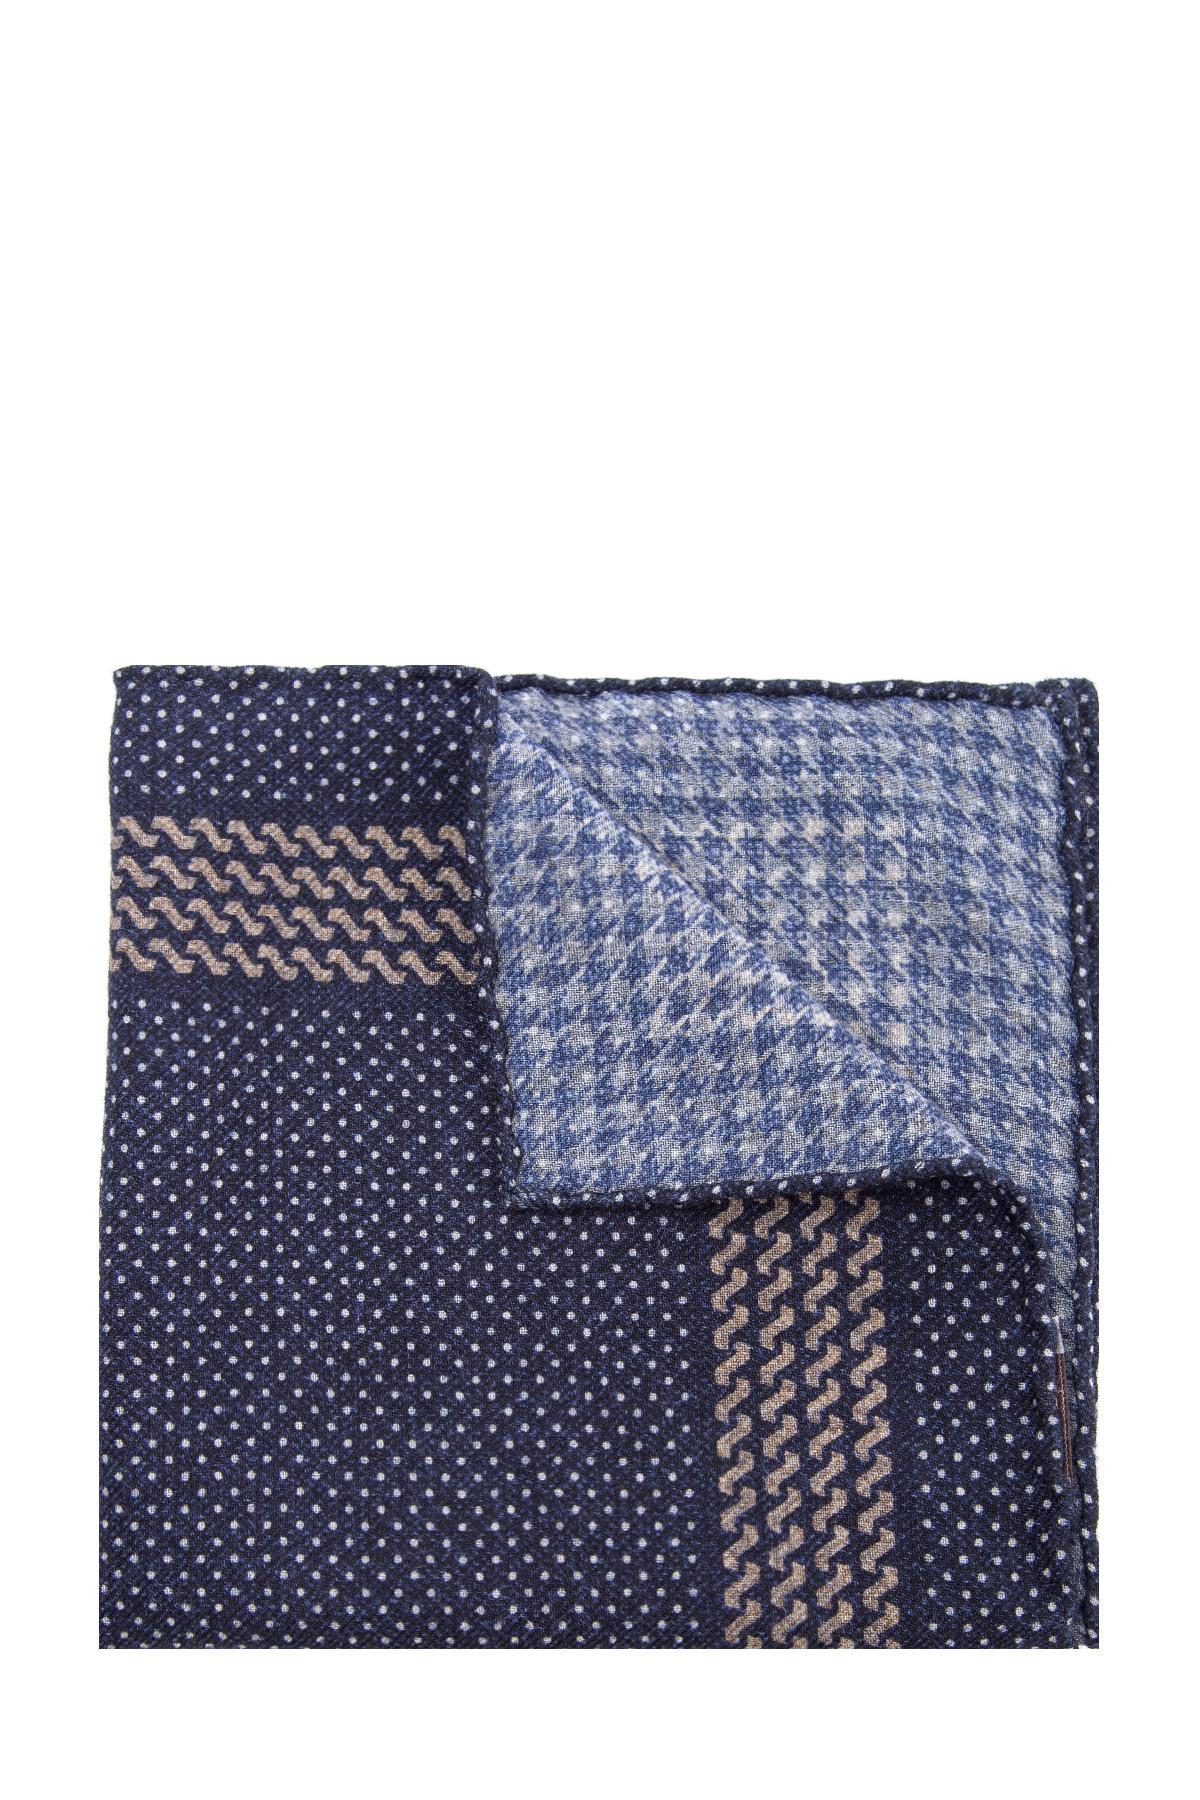 Купить Карманный платок из мягкой шерстяной фланели синего цвета, BRUNELLO CUCINELLI, Италия, шерсть 100%